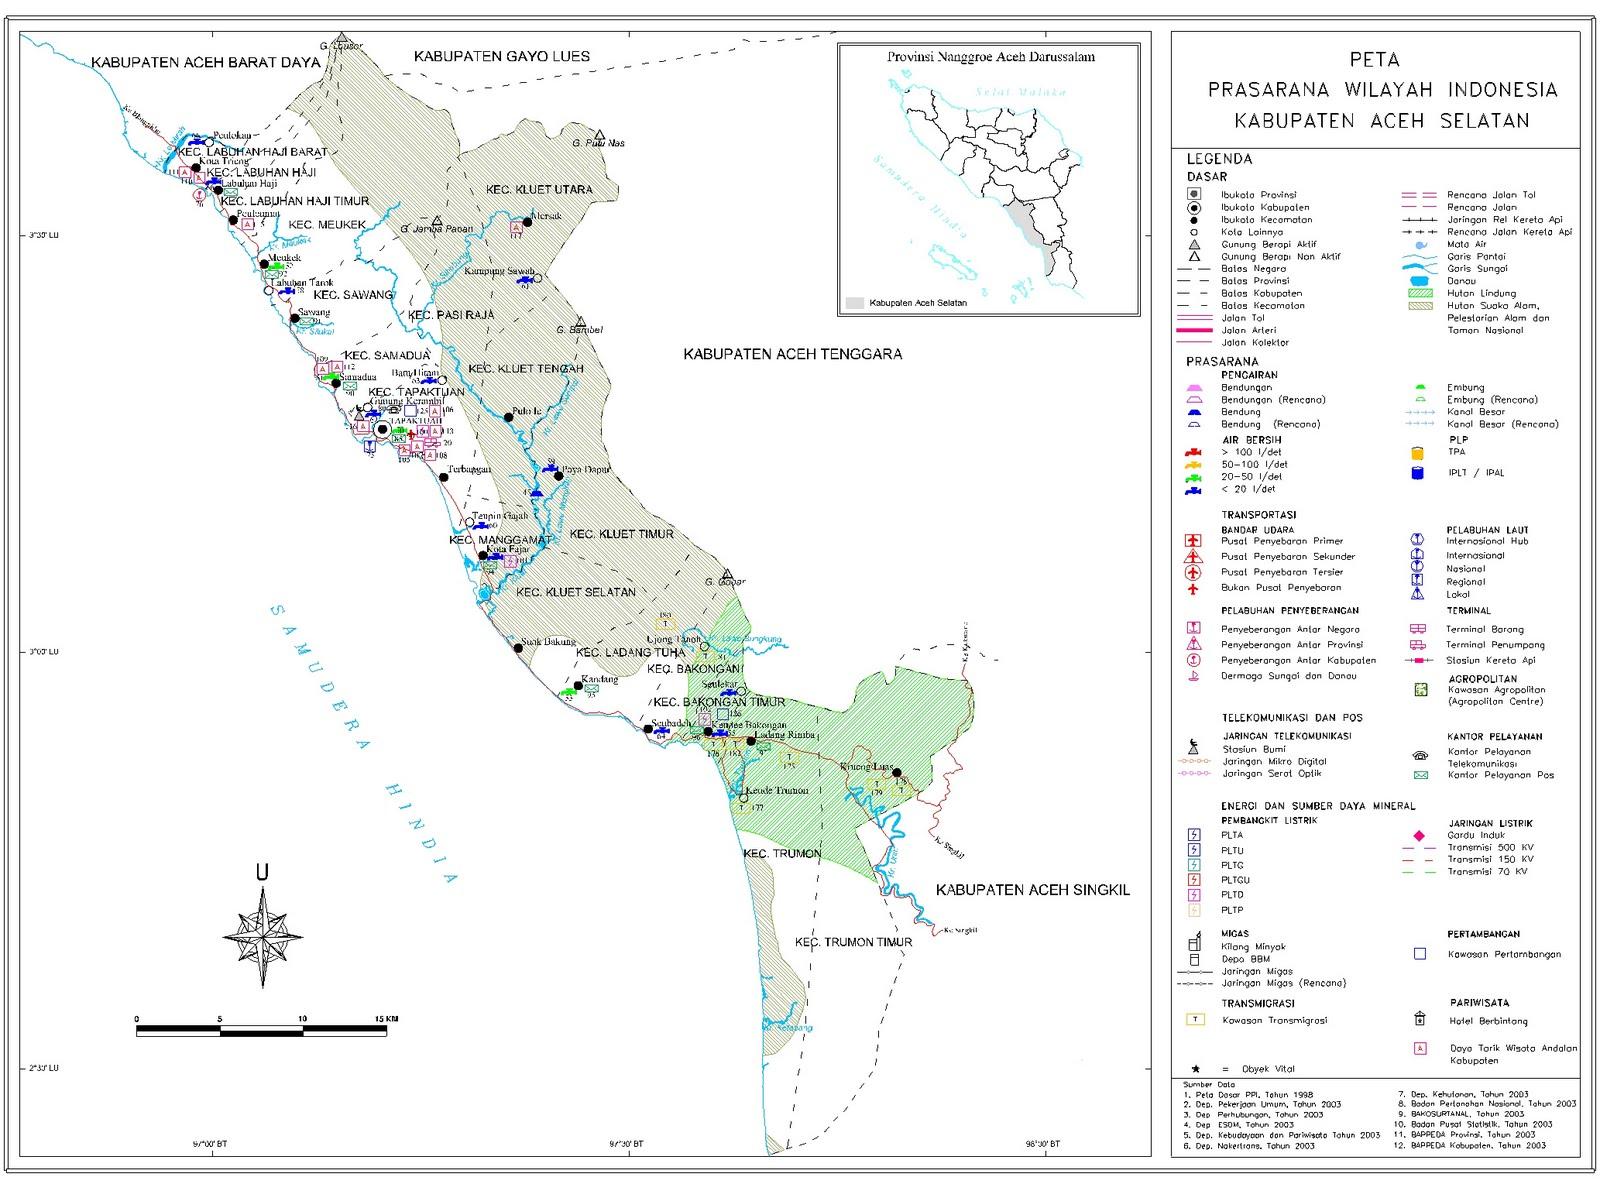 Peta Kota: Peta Kabupaten Aceh Selatan